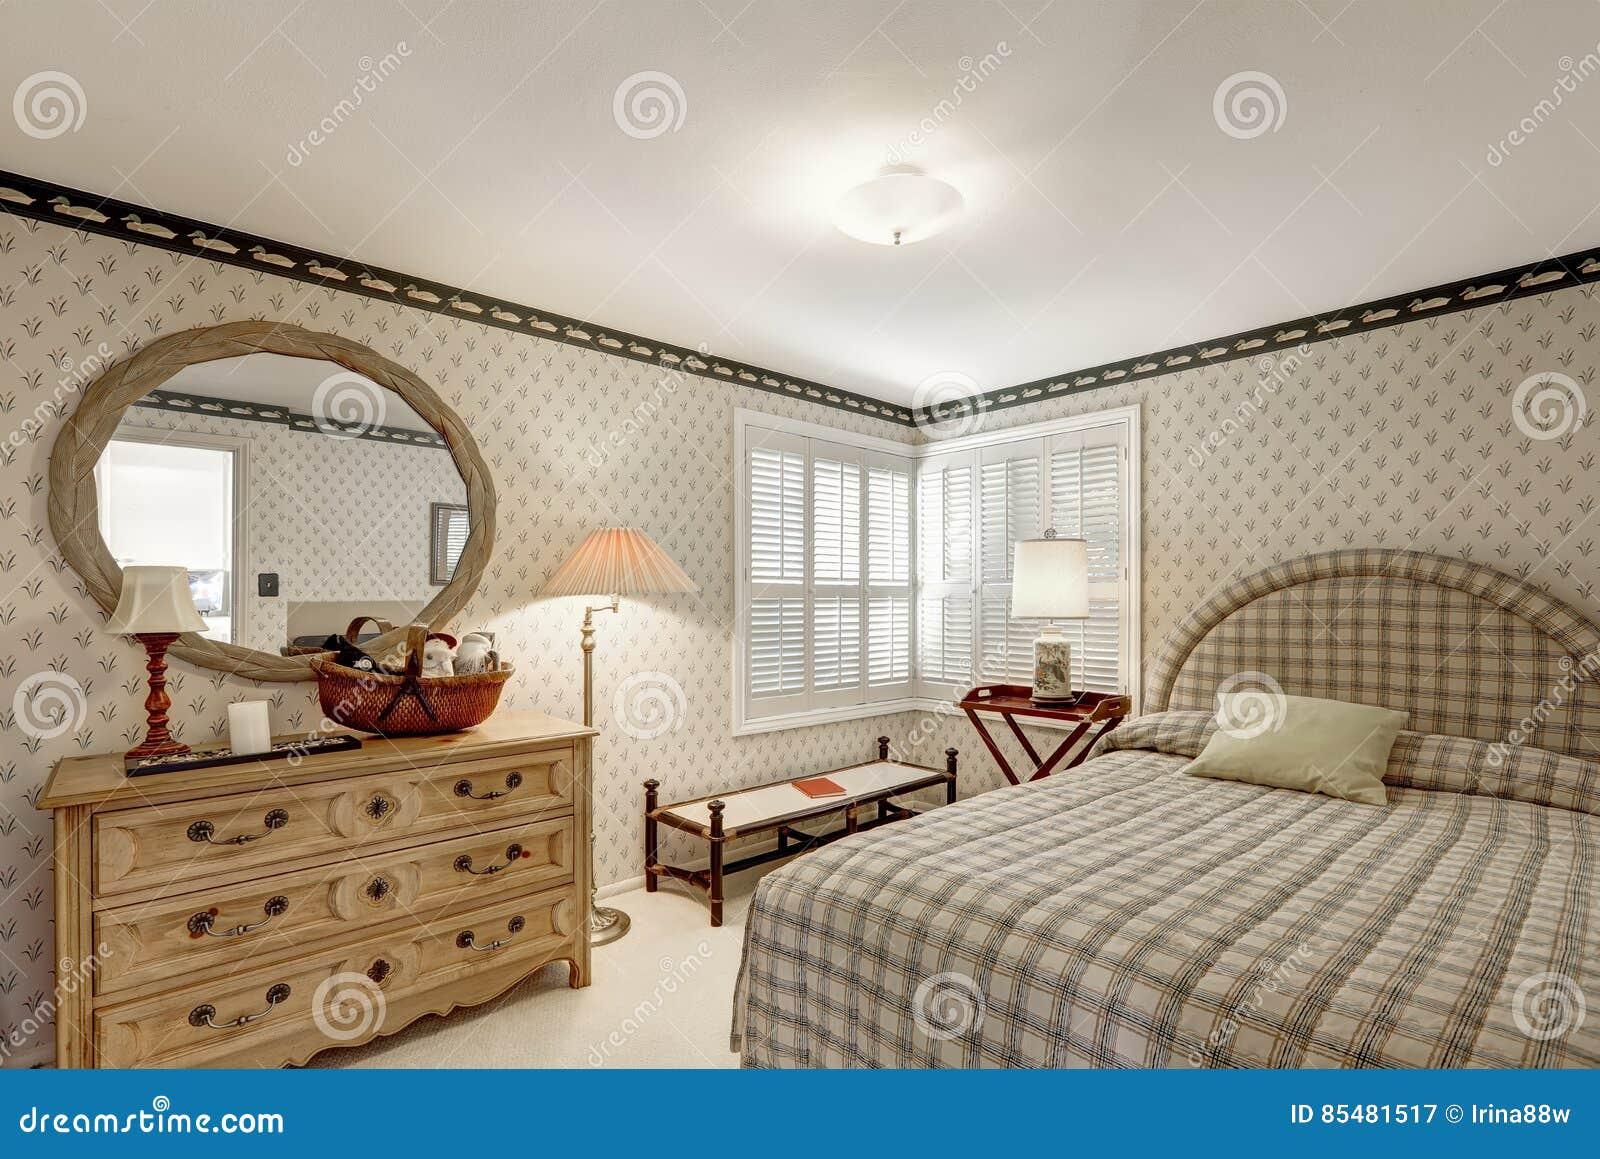 El dise o acogedor del dormitorio en tonos grises ofrece for Lenceria de dormitorio 3